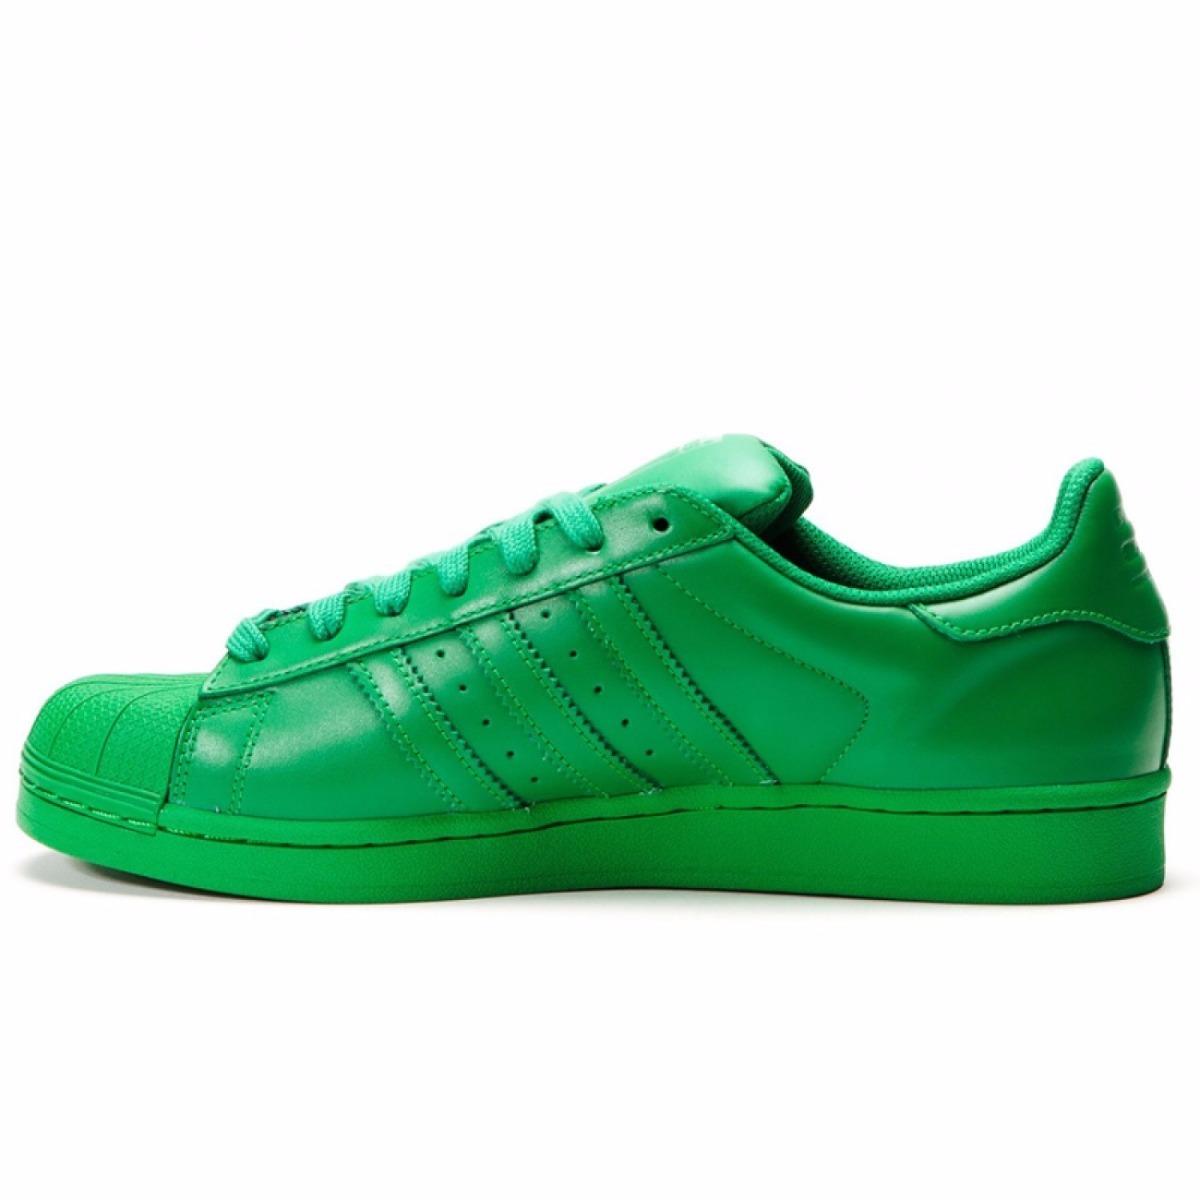 adidas superstar verdes mujer